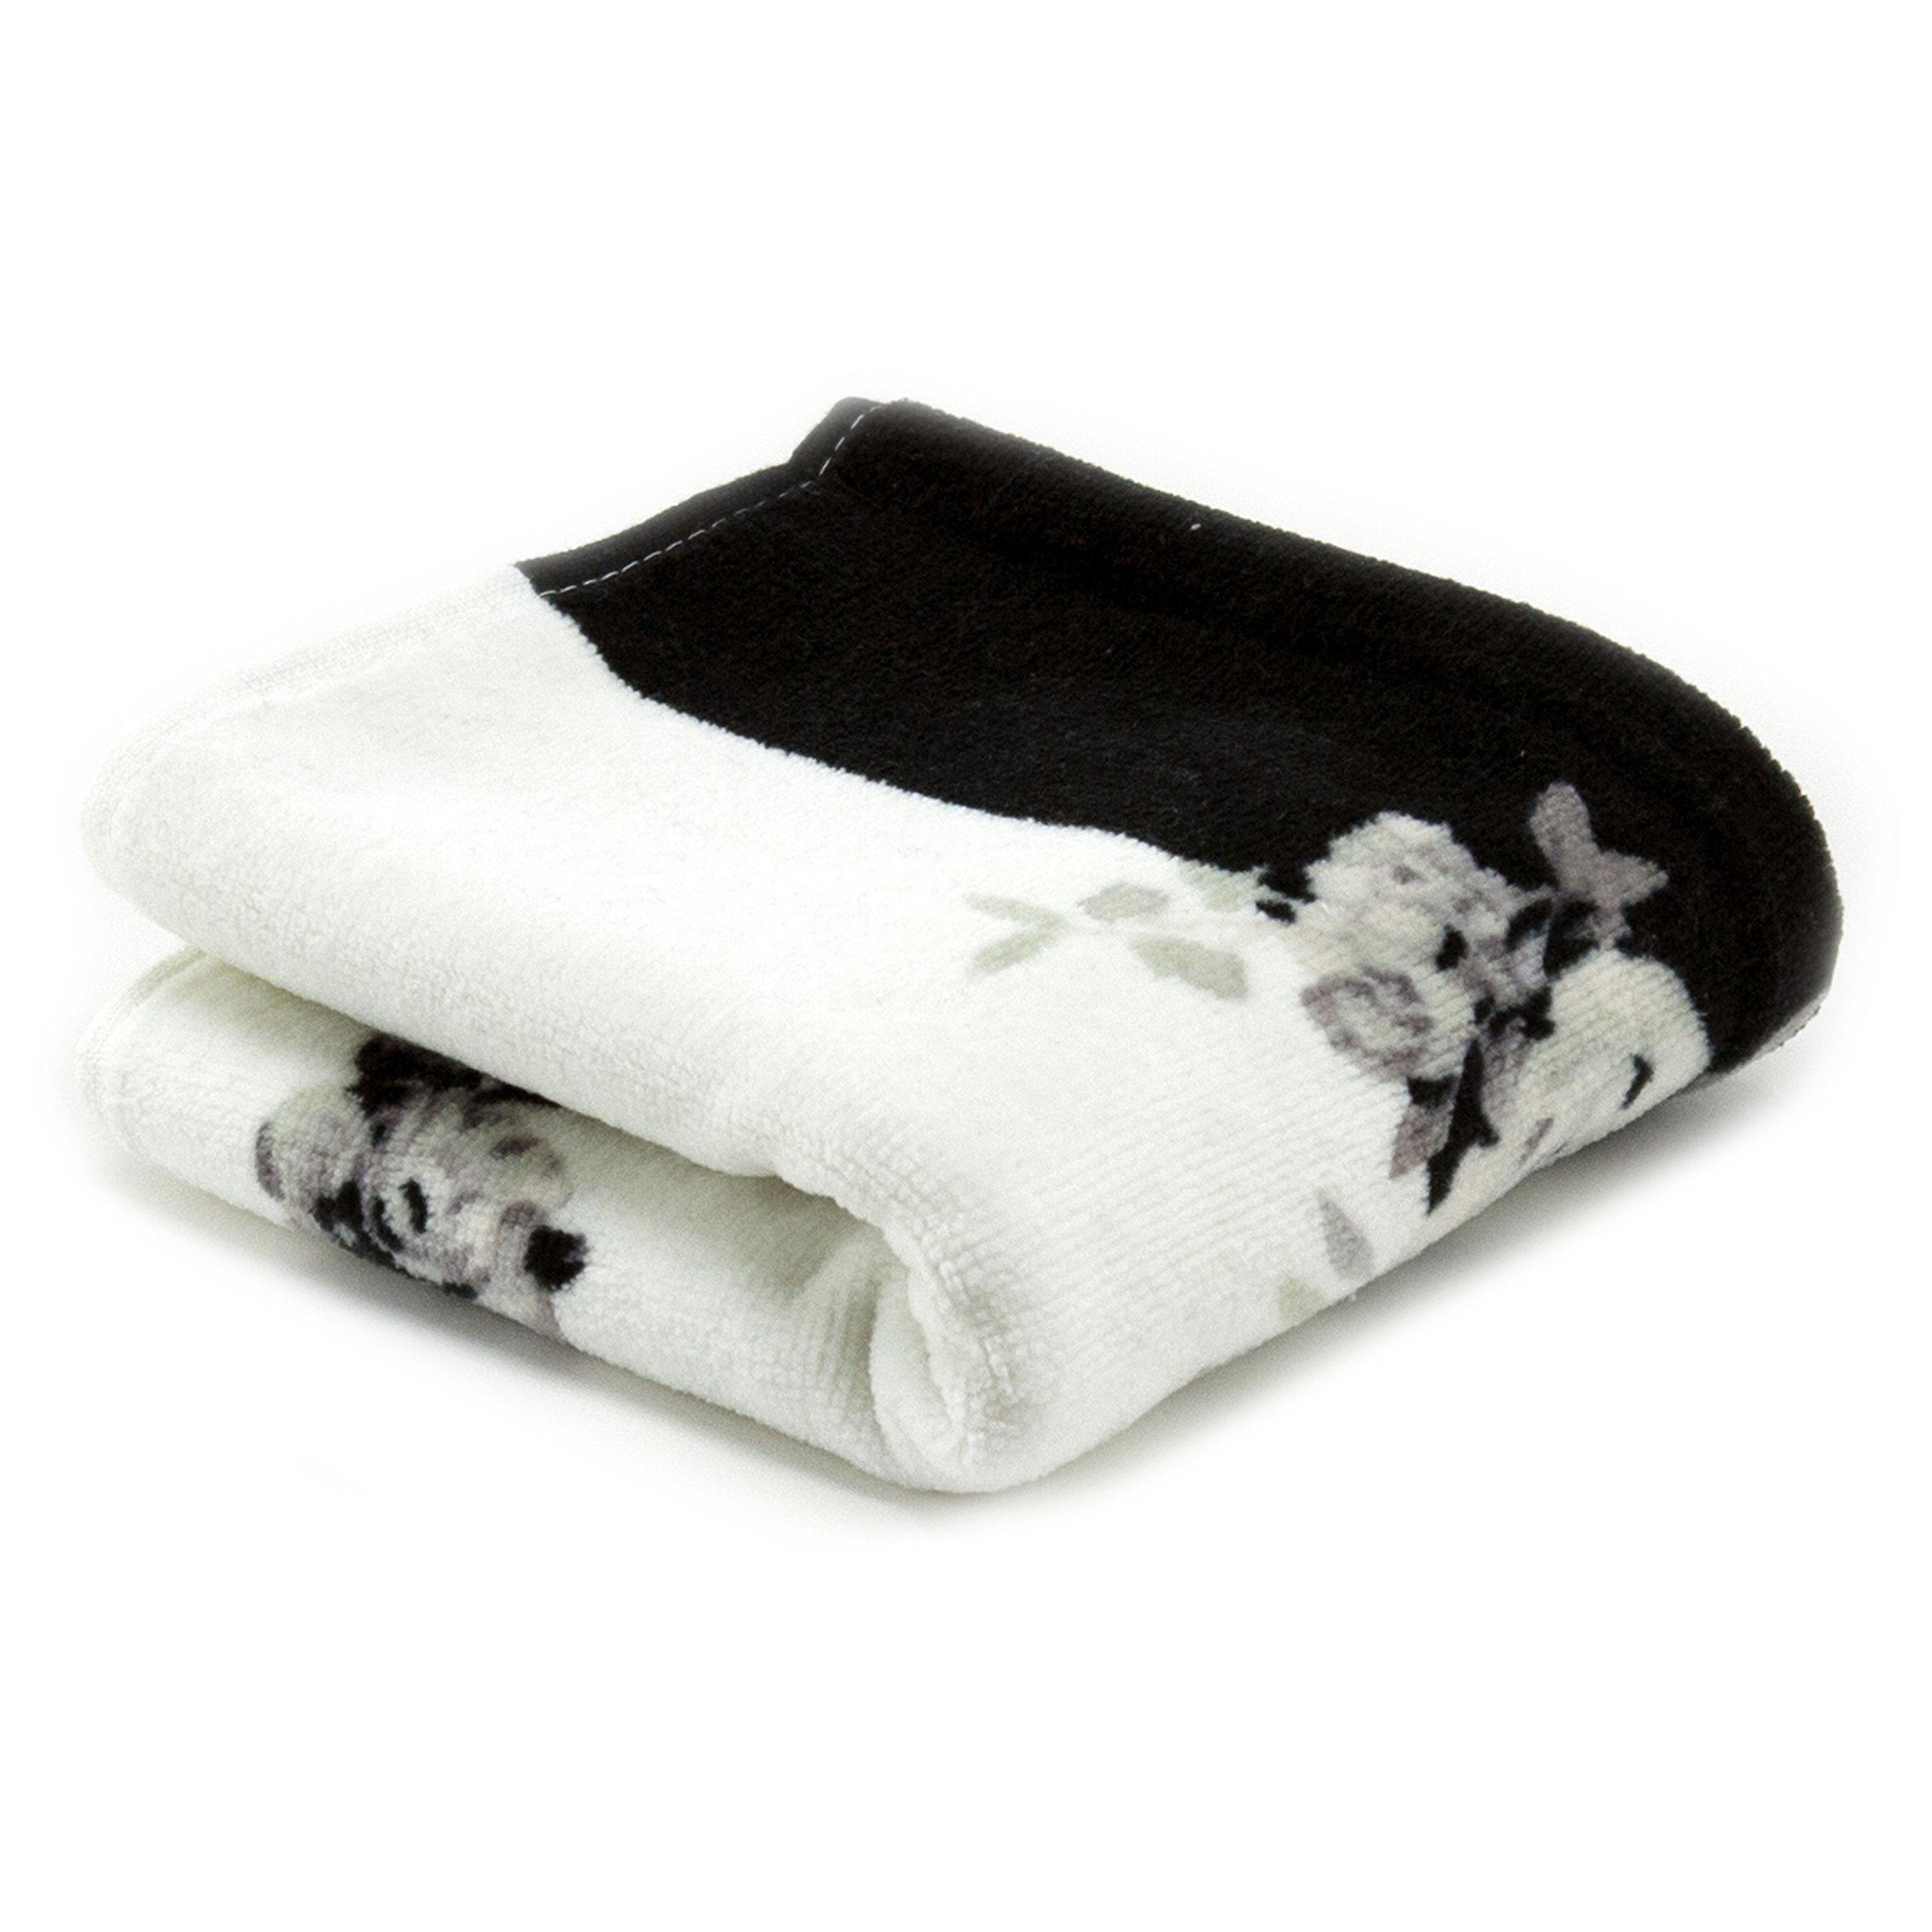 Lenox Moonlit Garden Fingertip Towel